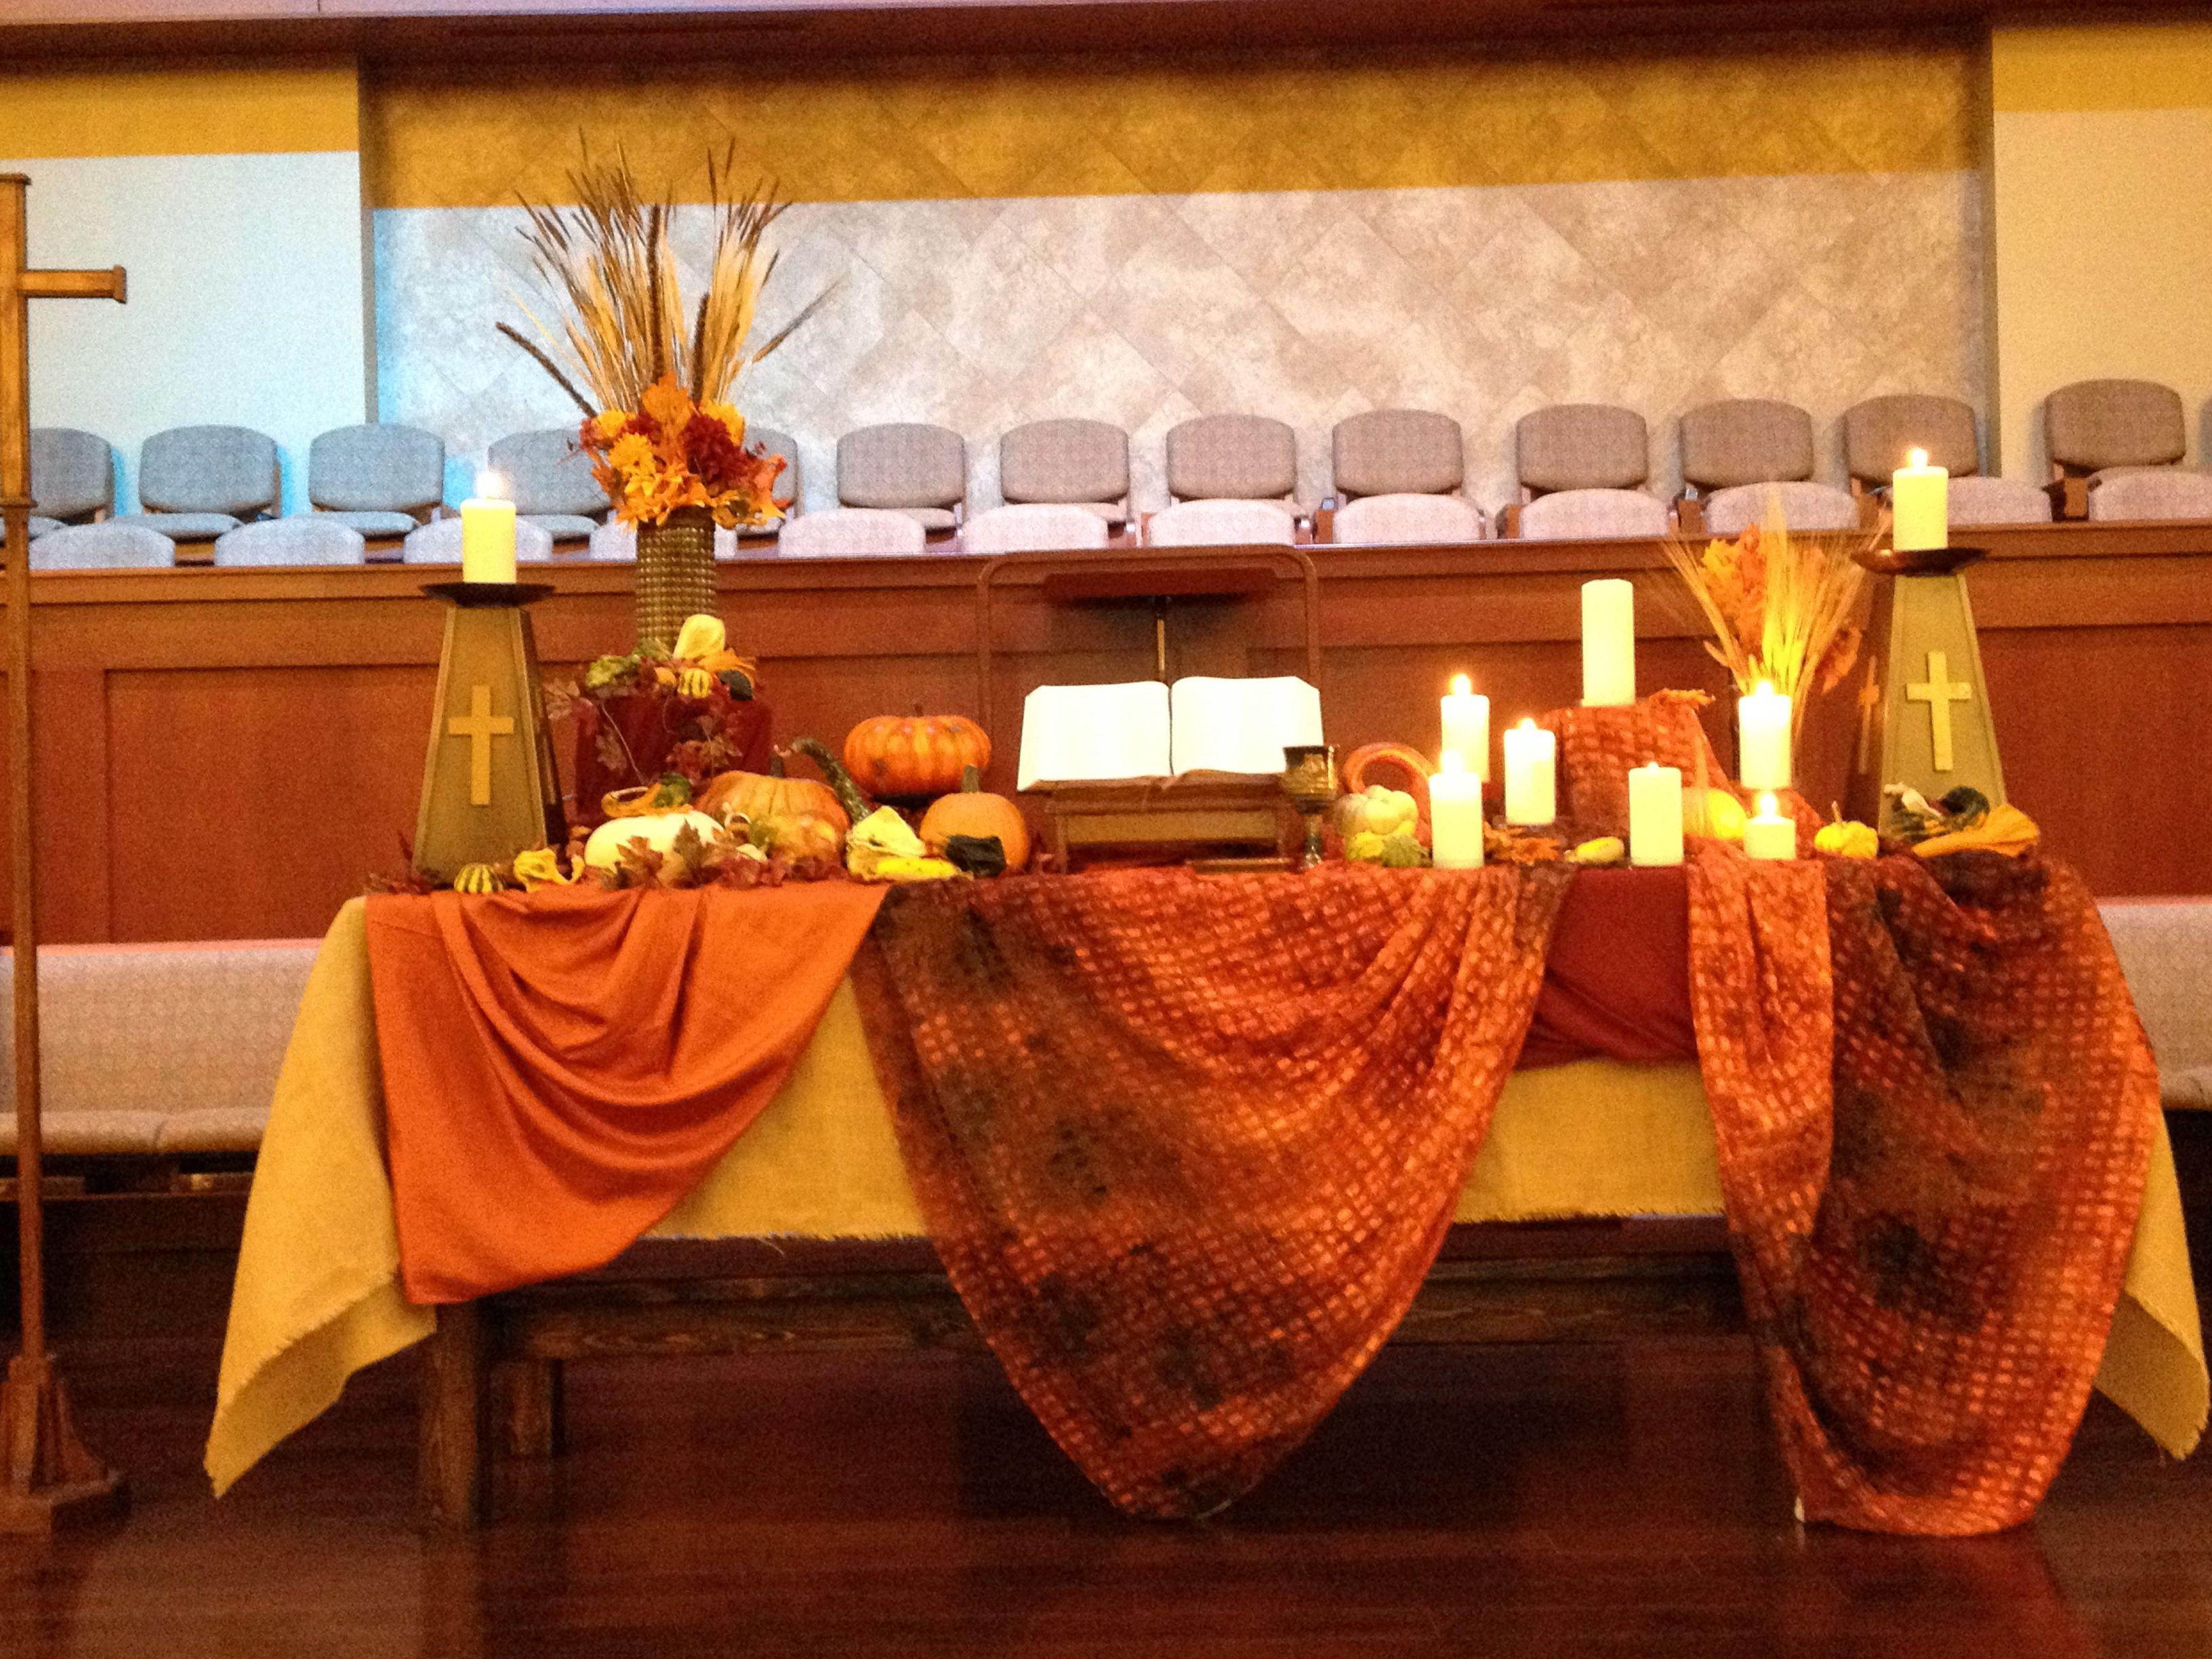 all saints day sanctuary altar 2014 grace avenue umc frisco tx